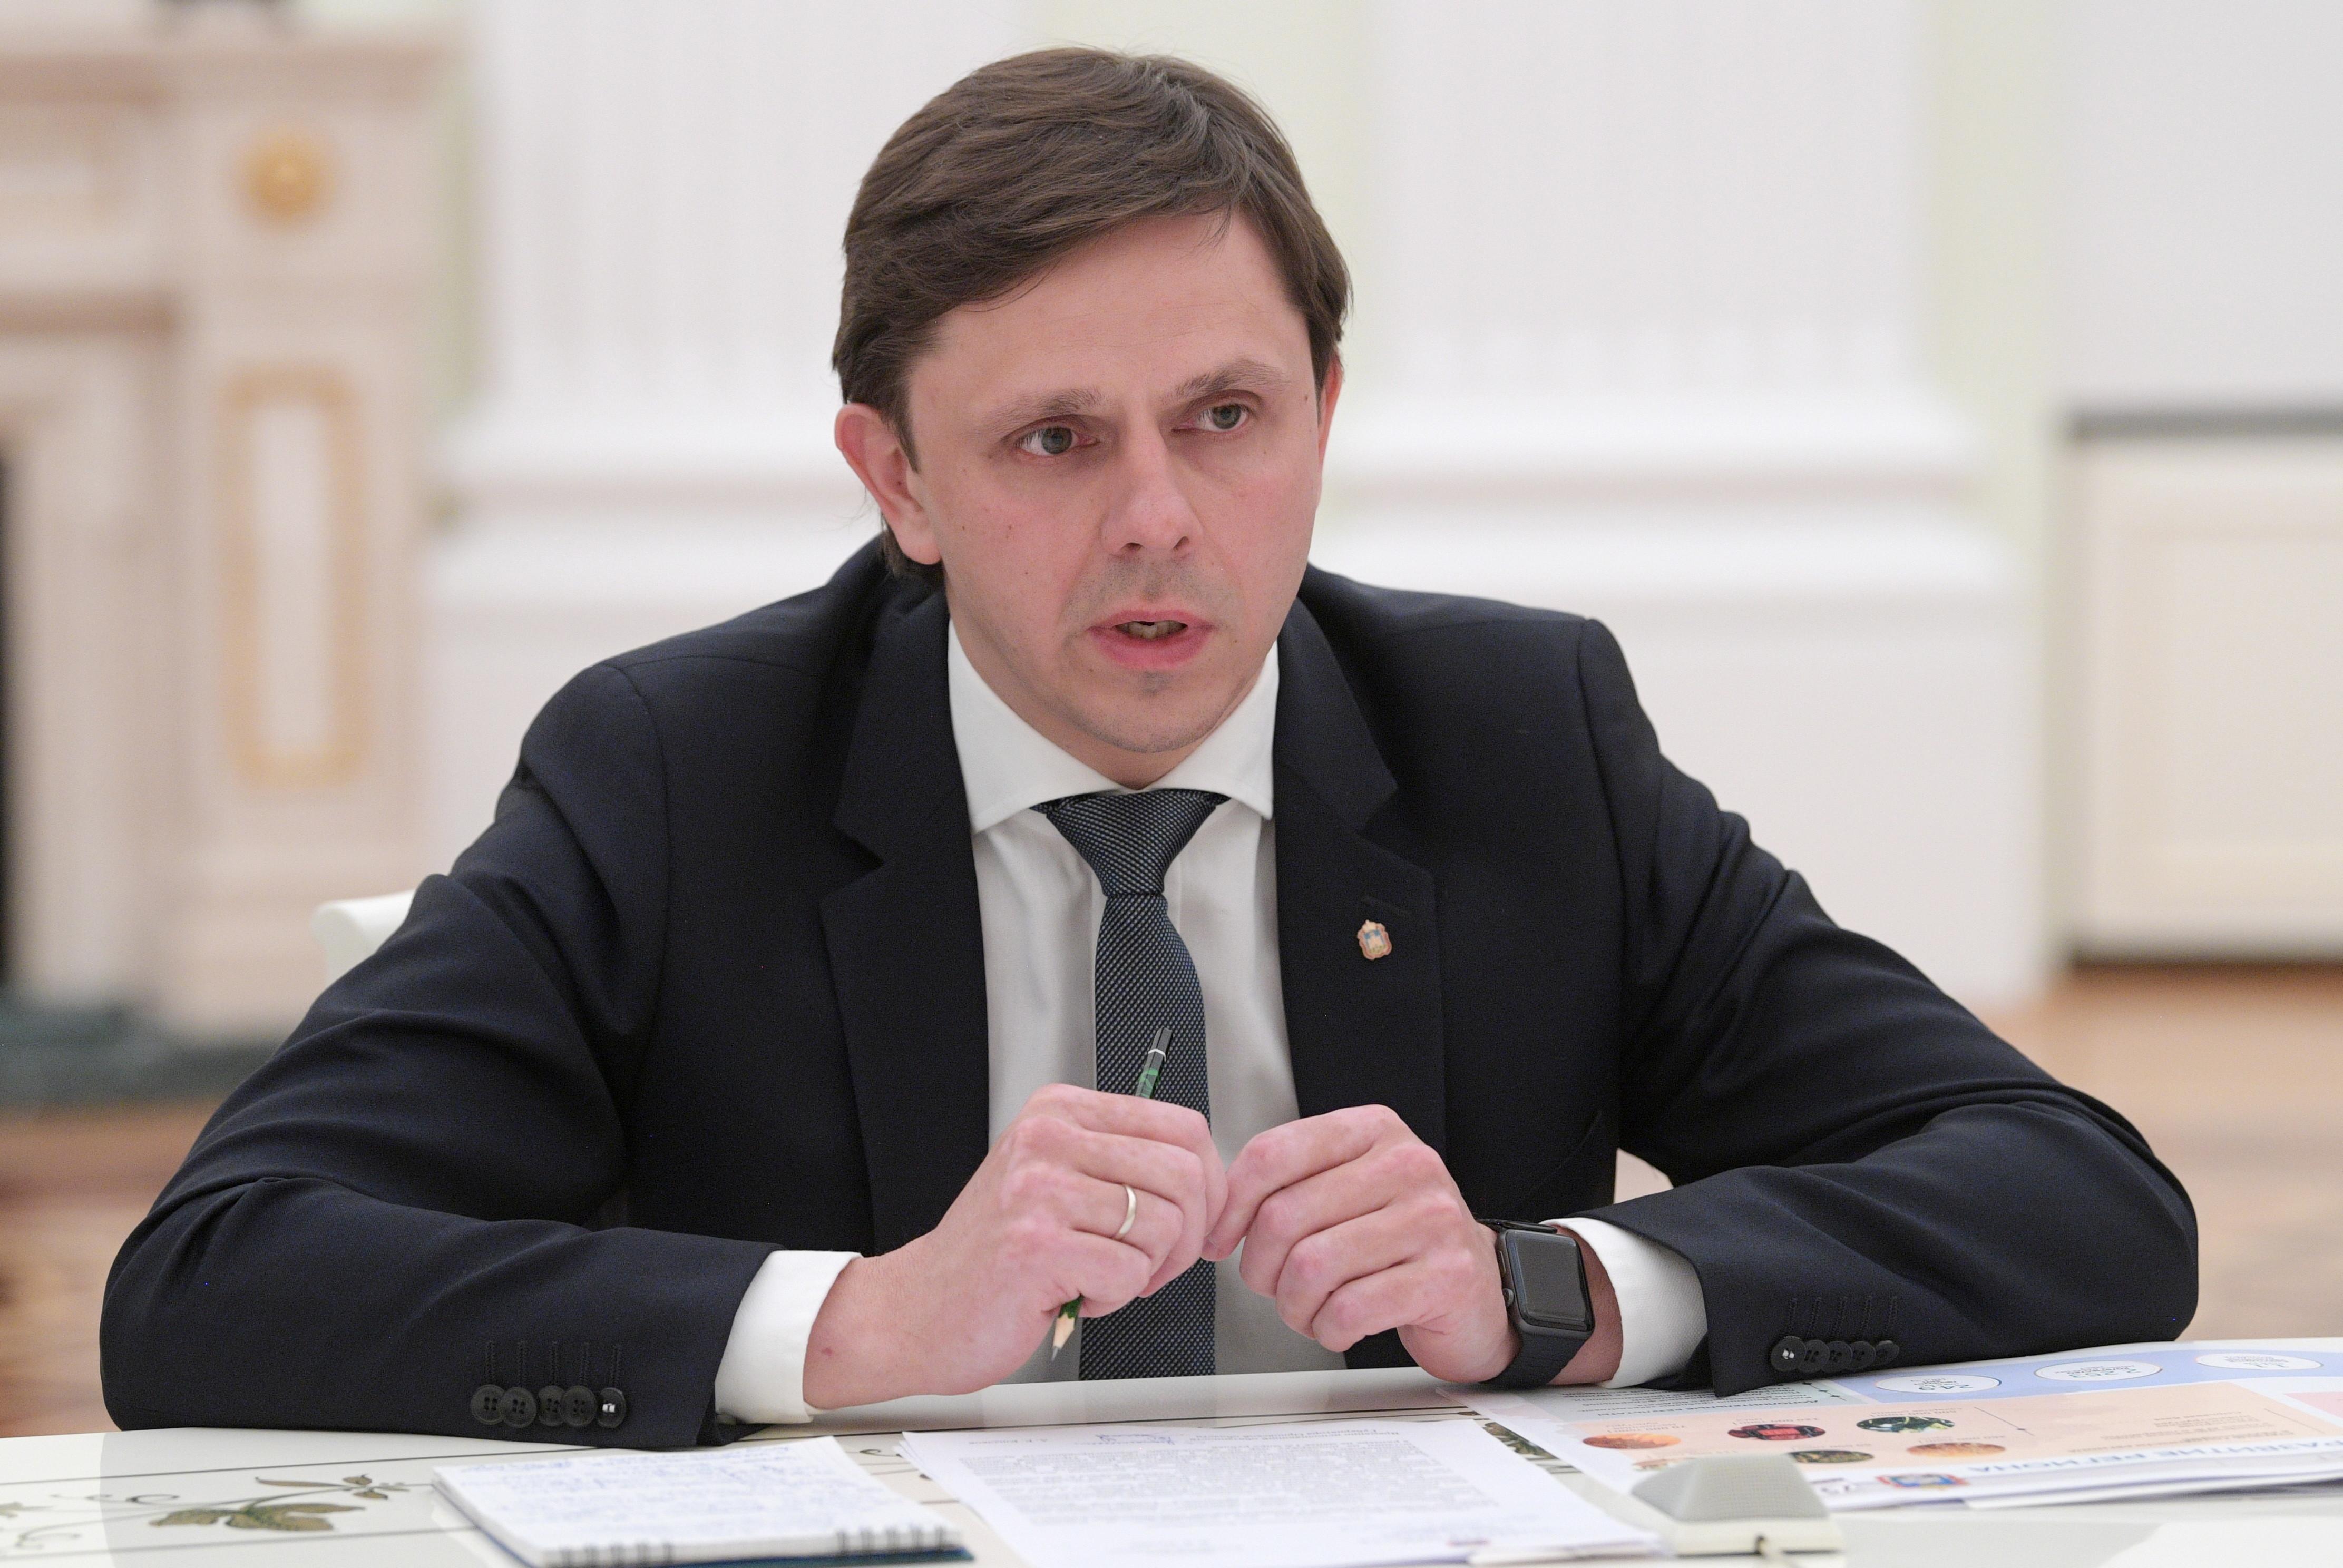 Клычков победил навыборах губернатора Орловской области